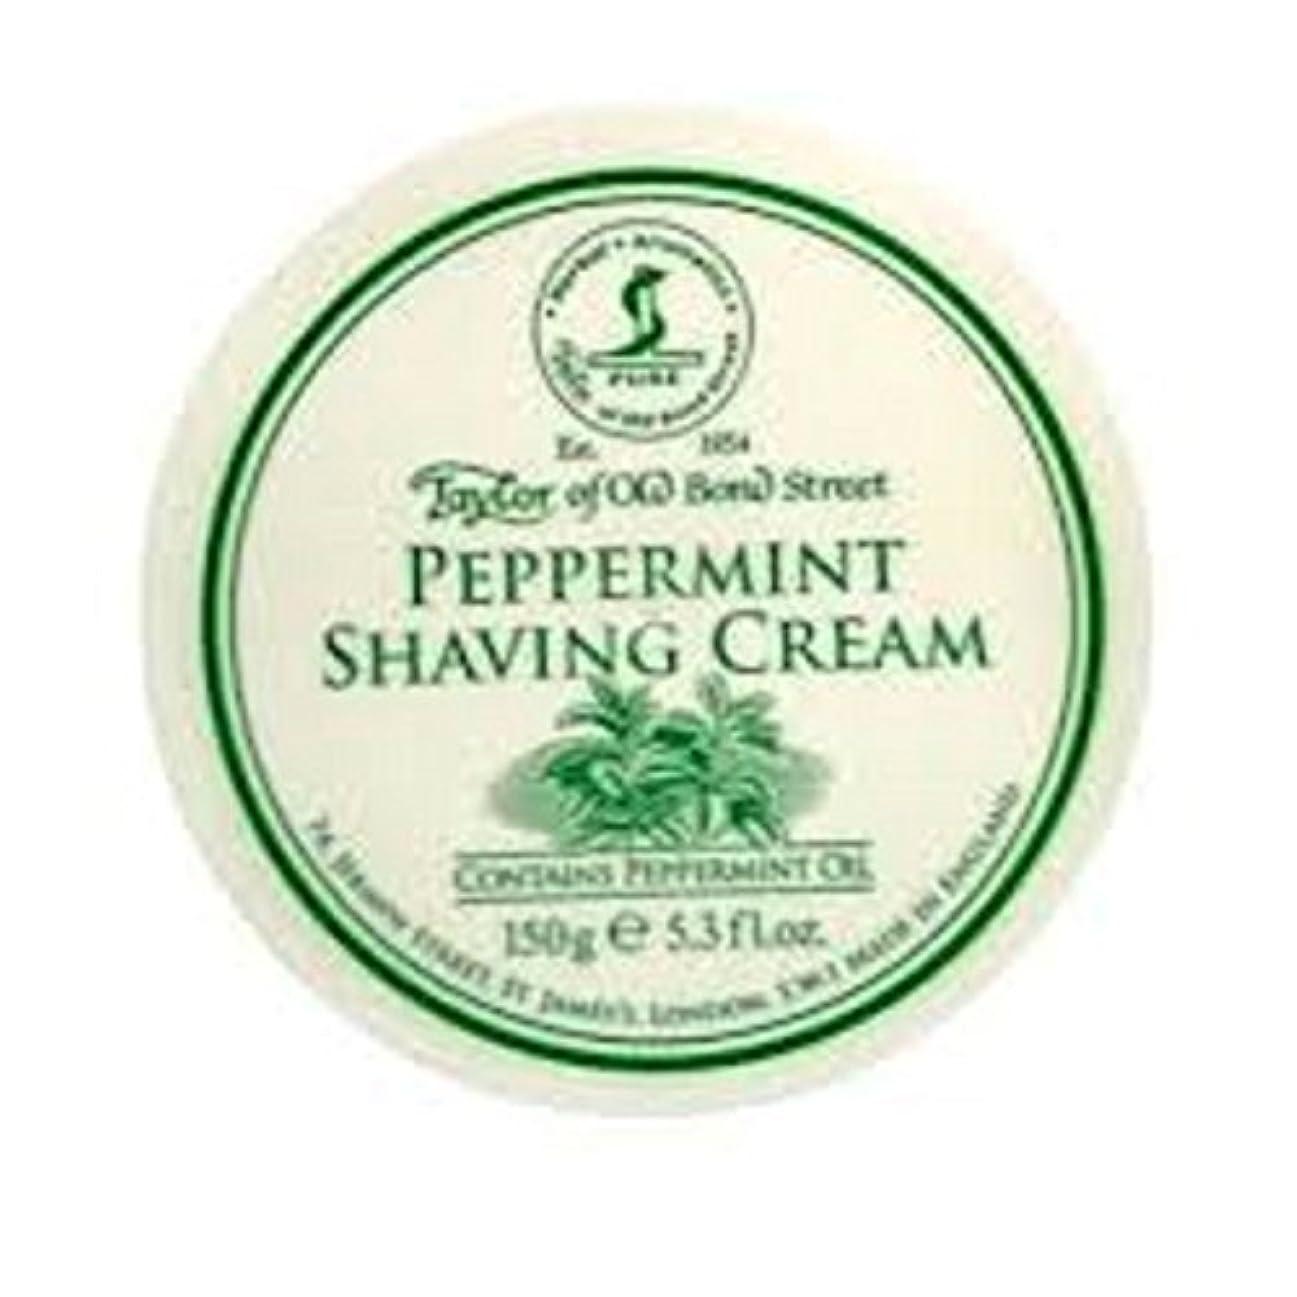 脊椎不道徳気分が良いTaylors of Old Bond Street 150g Traditional Shaving Cream Tub (Peppermint) by Taylor of Old Bond Street